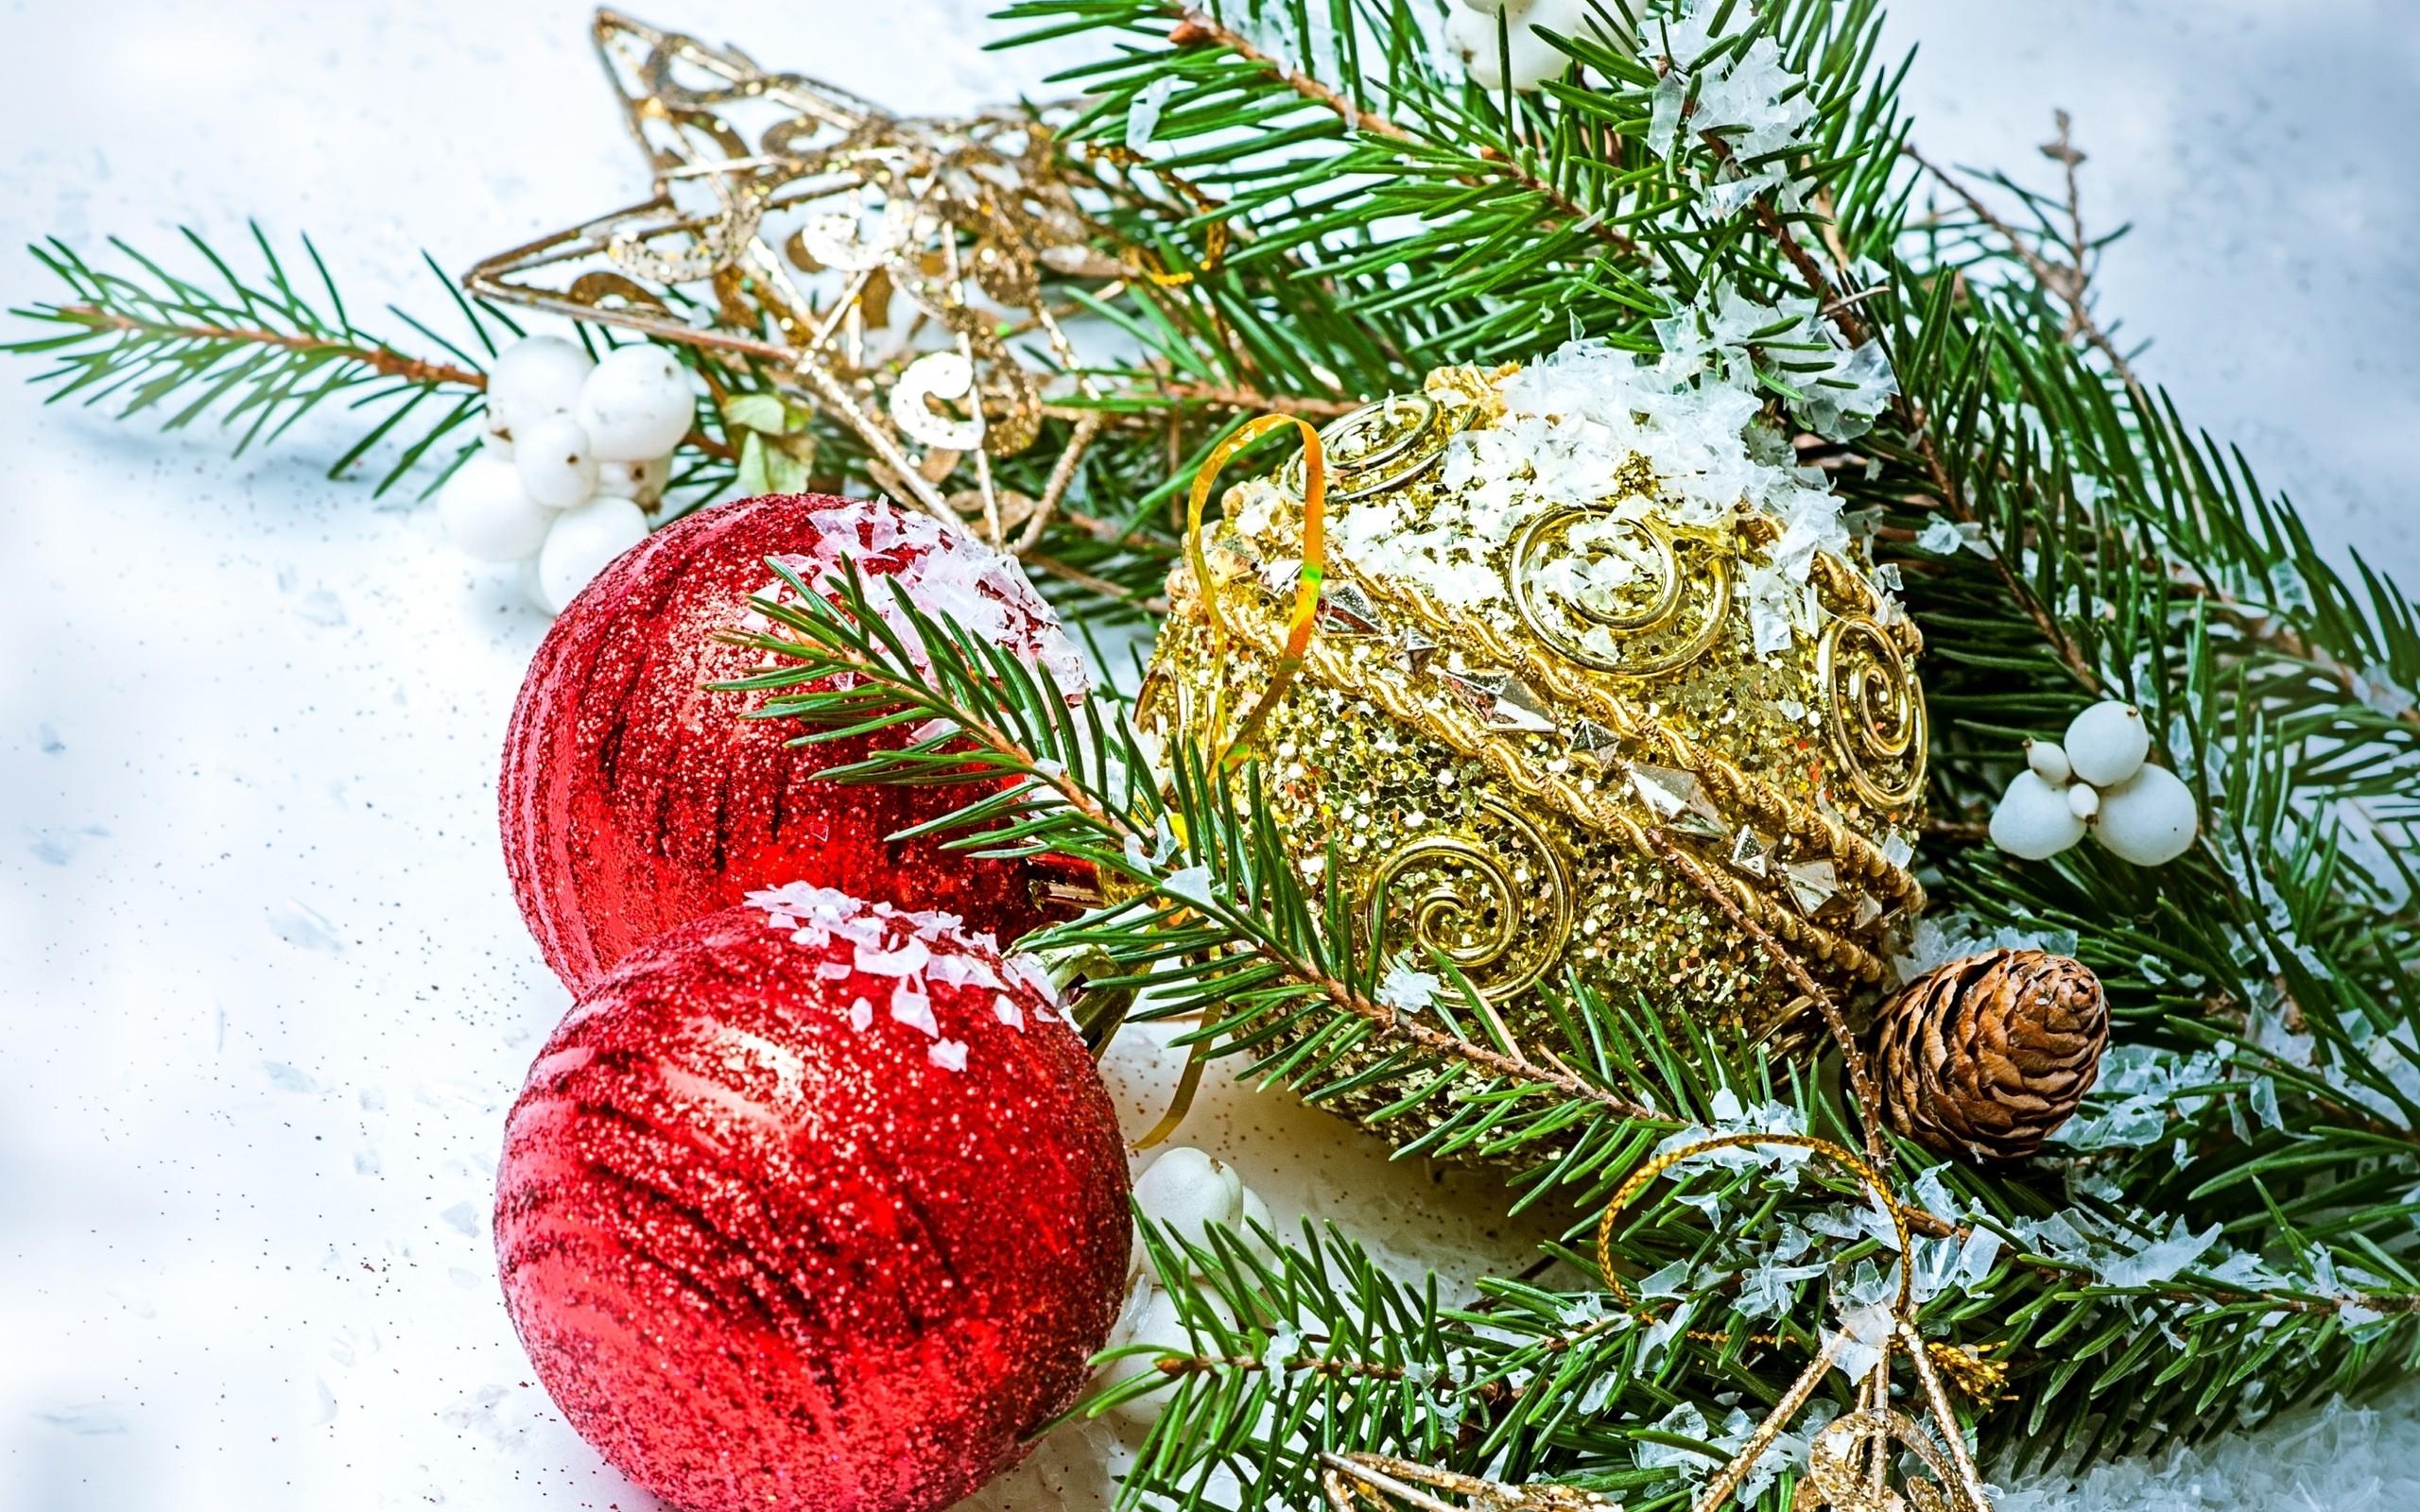 Fondos de pantalla hojas nieve rama picea rbol de Navidad